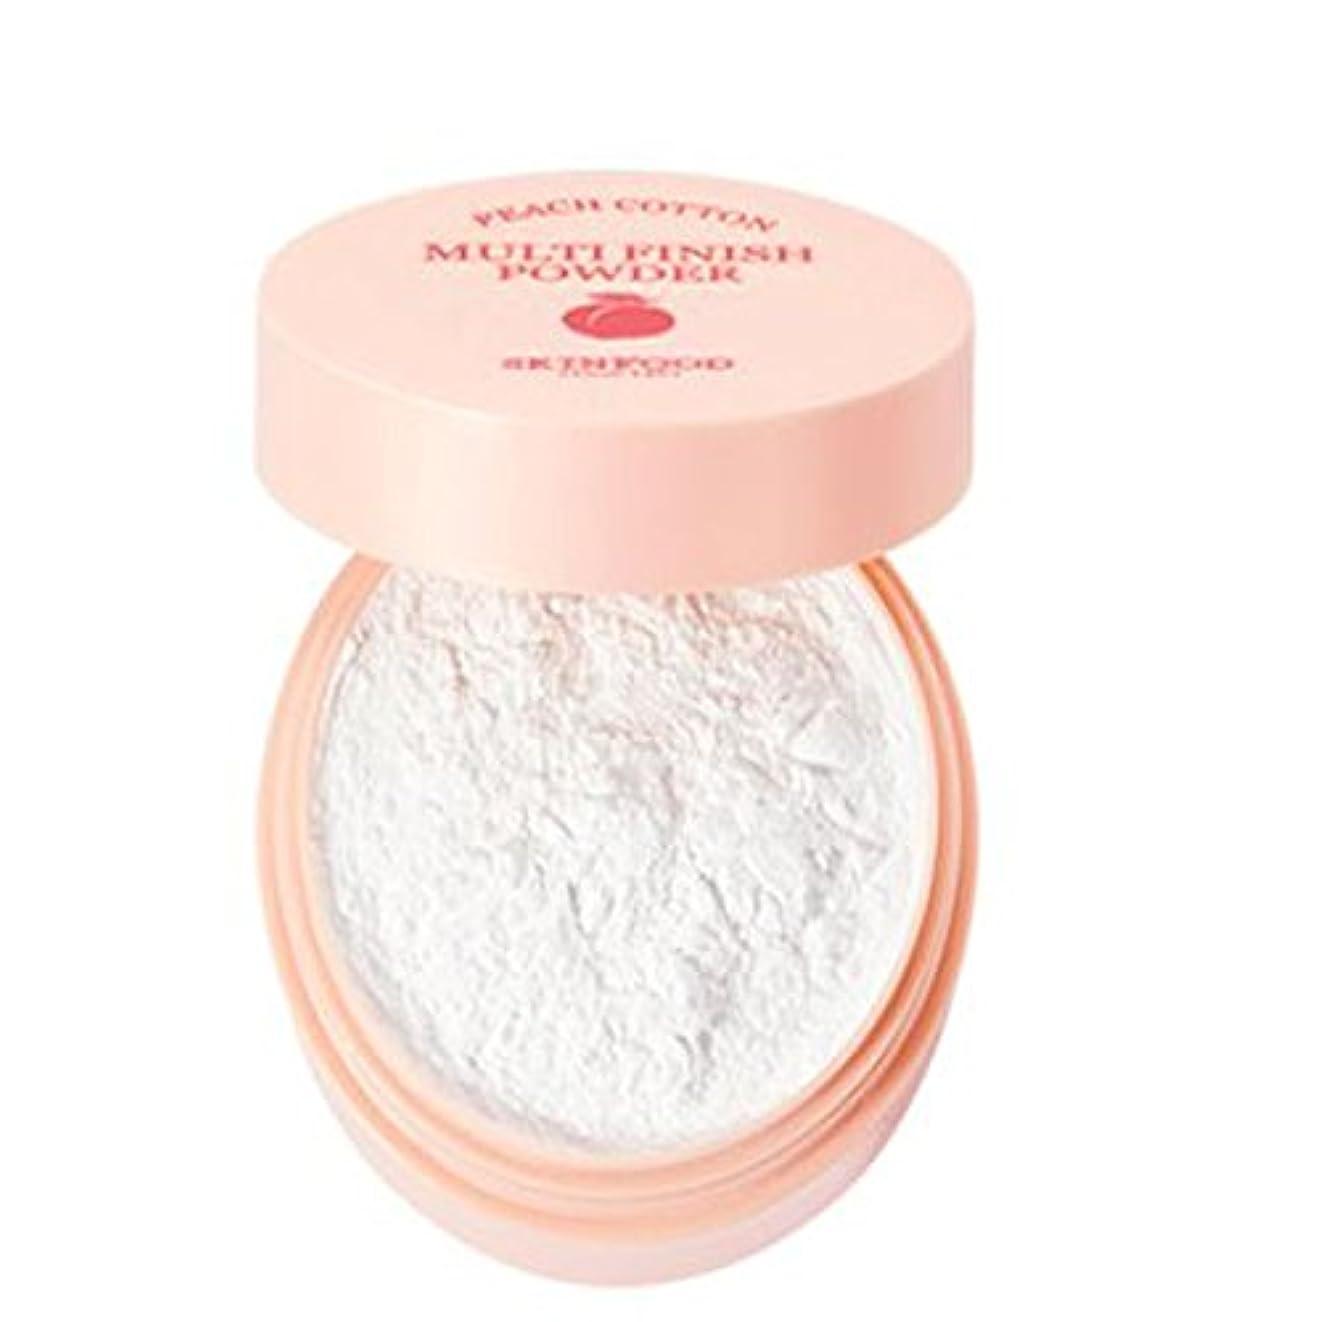 中断バラエティラテン[SKINFOOD] Peach Cotton Multi Finish Powder ピッチサラッとマルチフィニッシュパウダー - 5g